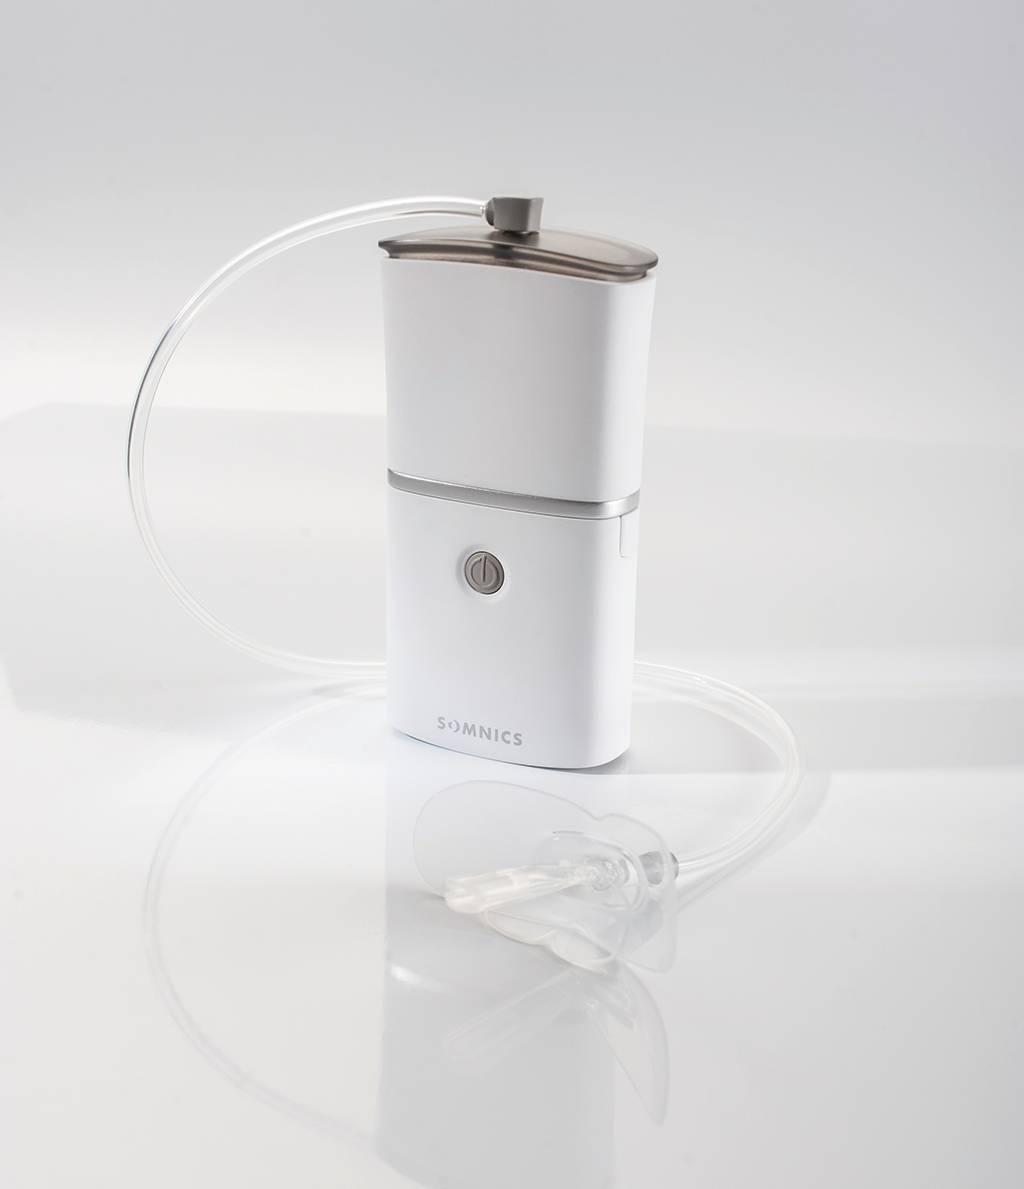 萊鎂醫的iNAP ONE負壓睡眠呼吸治療裝置適用於改善呼吸中止症,提昇睡眠品質。...